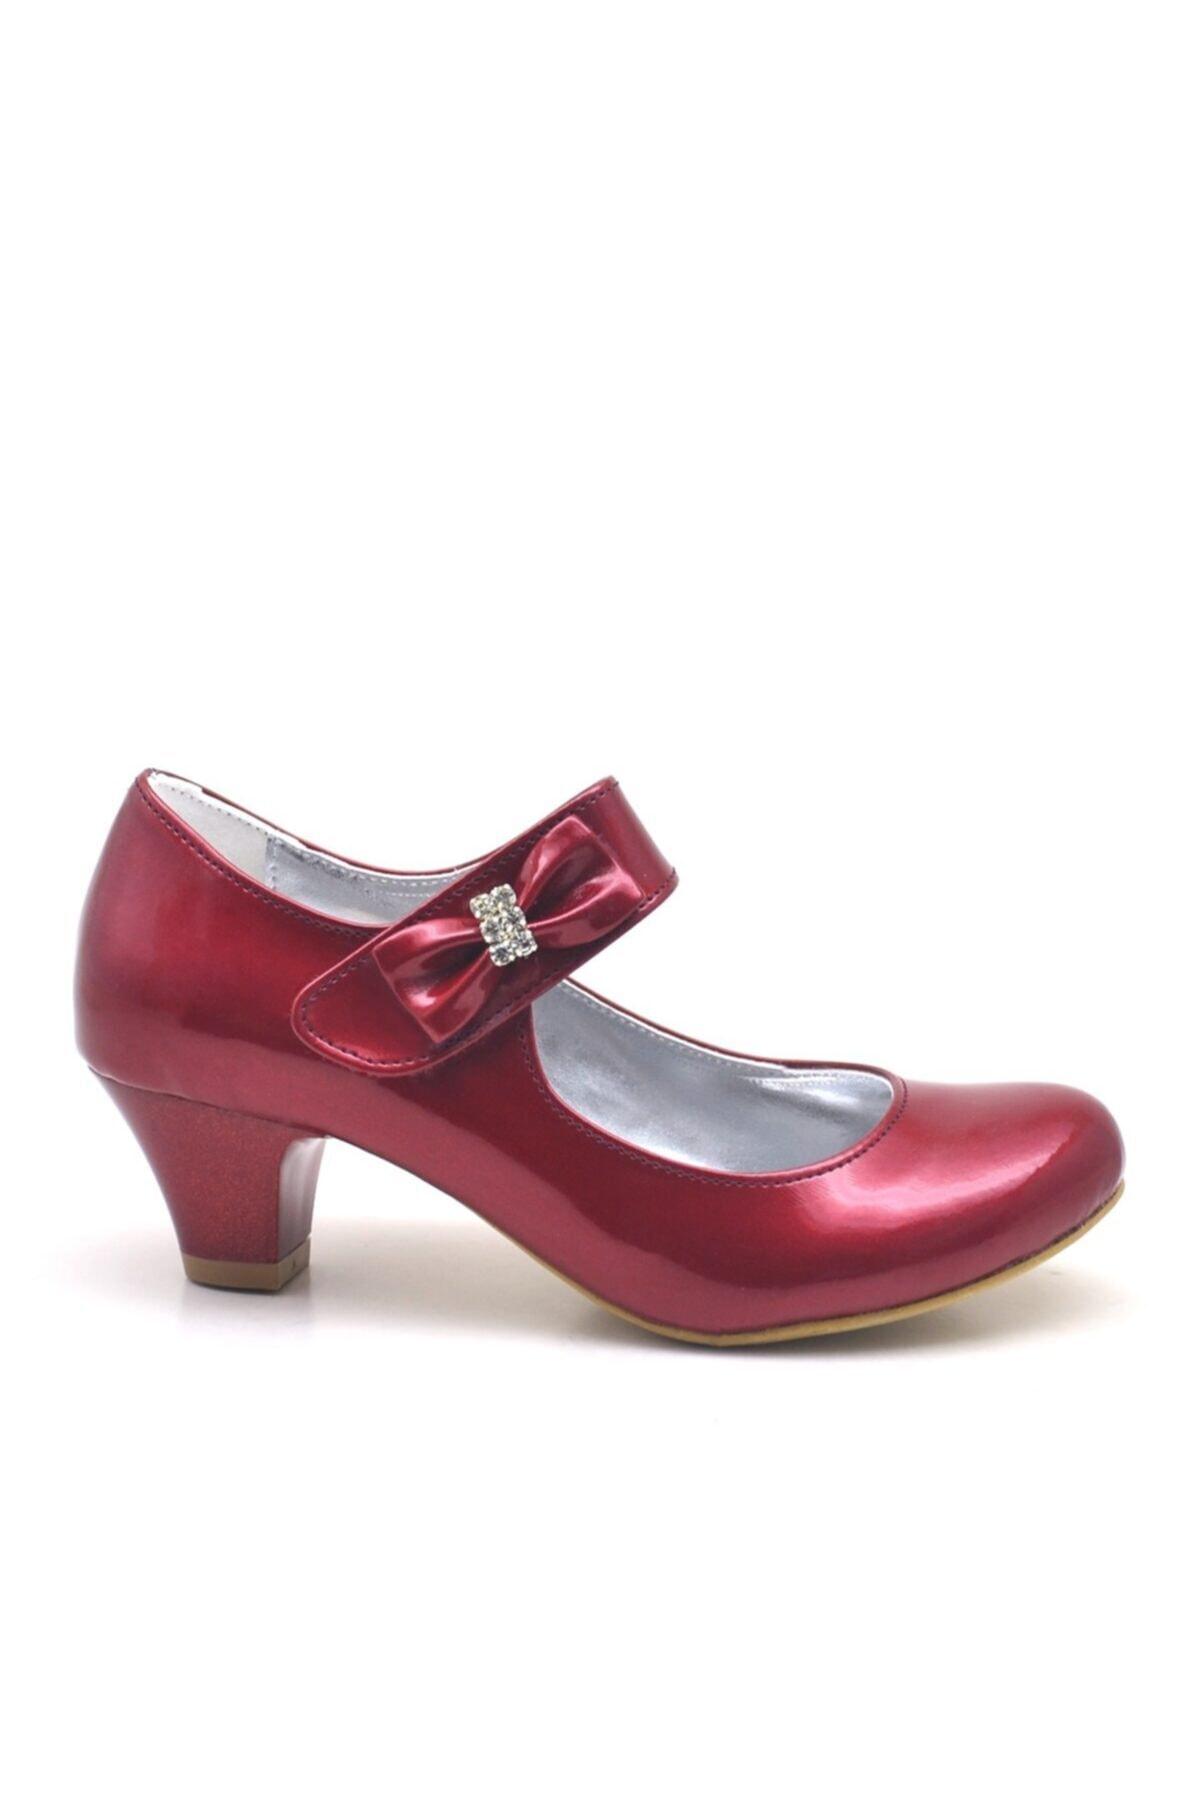 Sarıkaya Bordo Rugan Taşlı Kırmızı Topuklu Kız Çocuk Abiye Ayakkabı 2